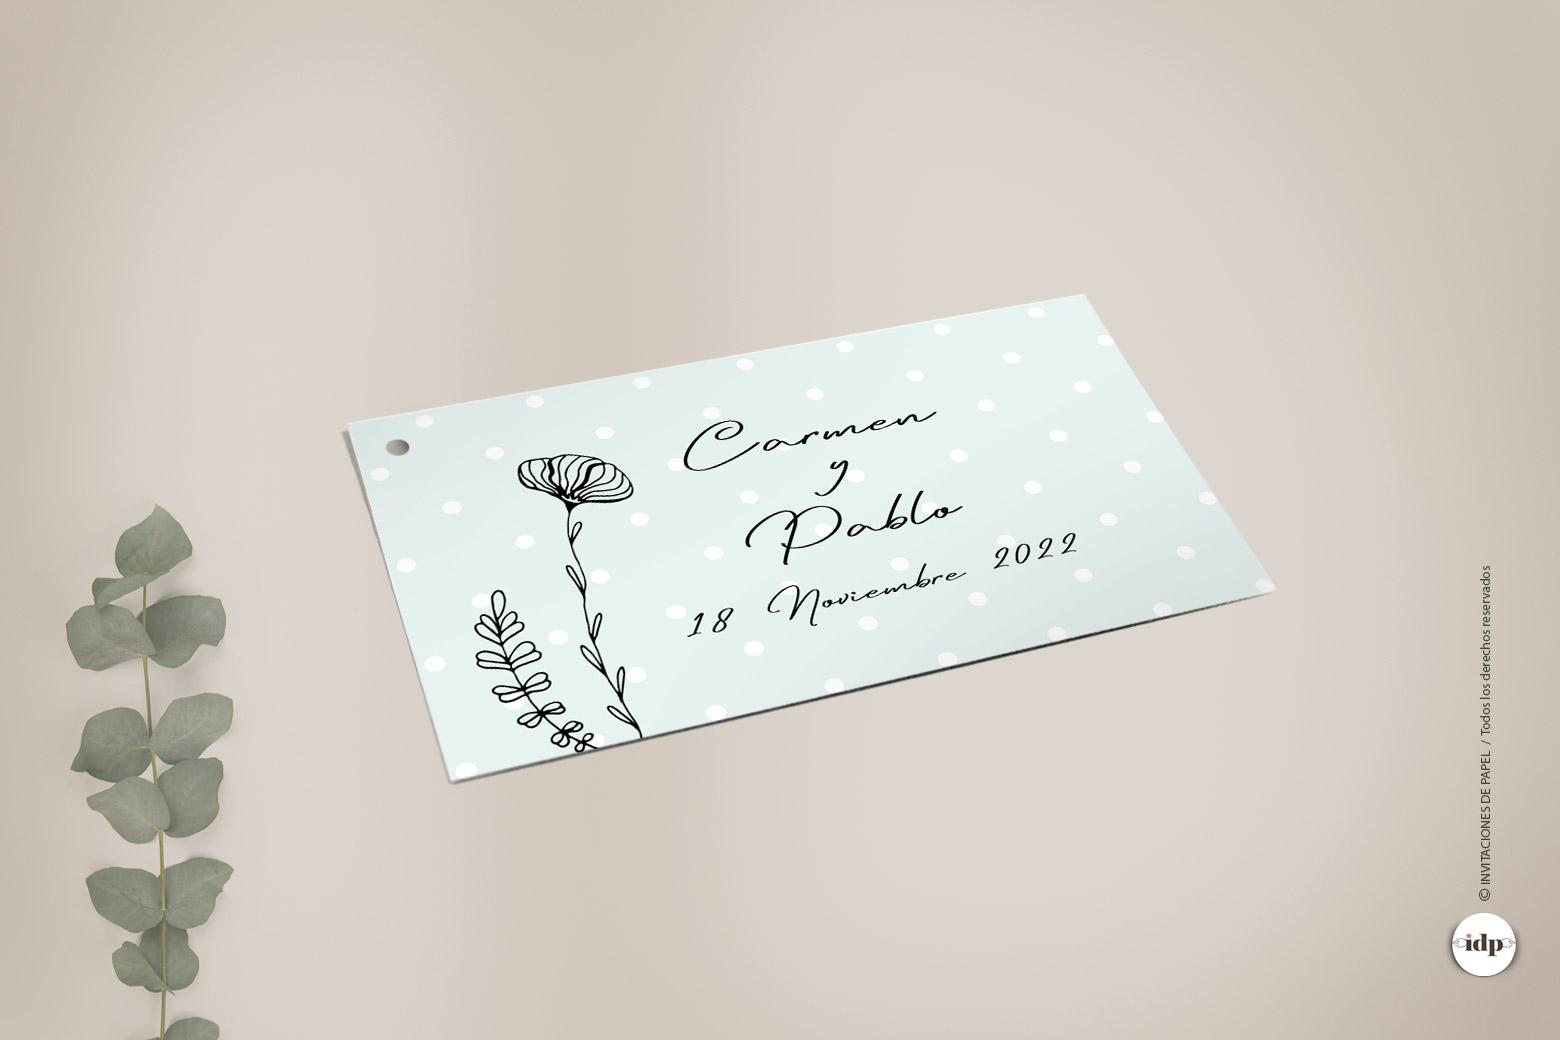 Etiqueta de Regalo para Boda Sencilla con Ilustraciones de Flores y ramas - chic